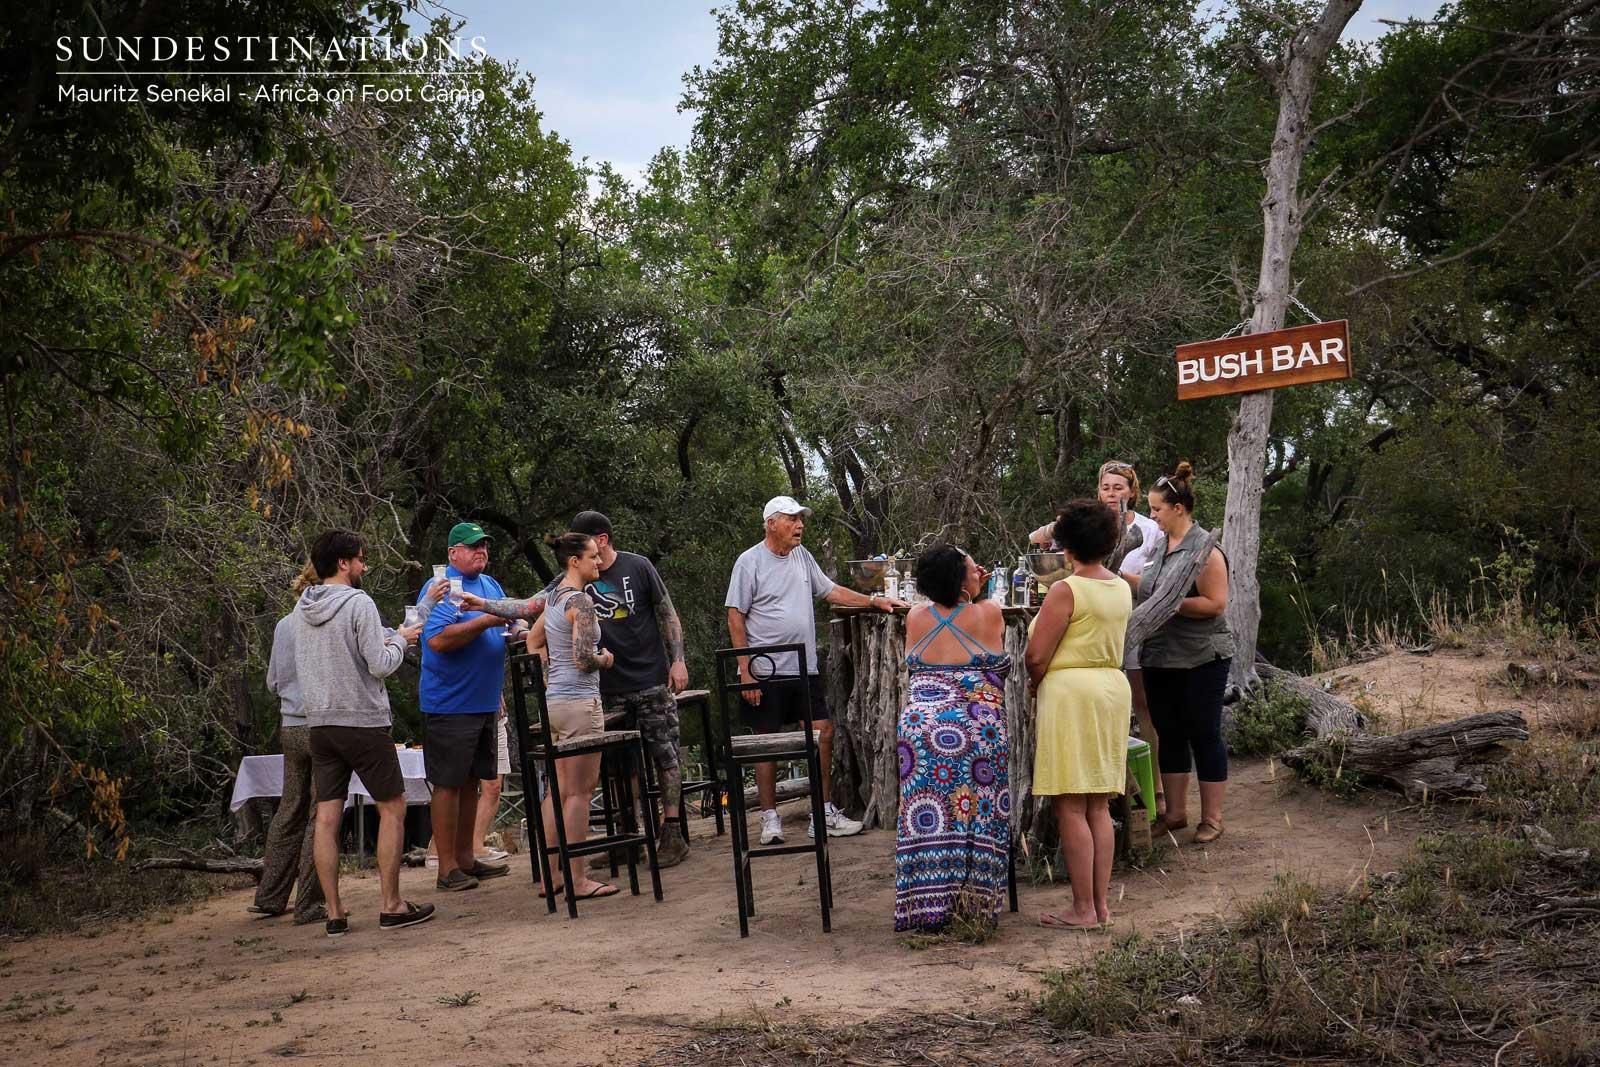 Socialising at the Bush Bar